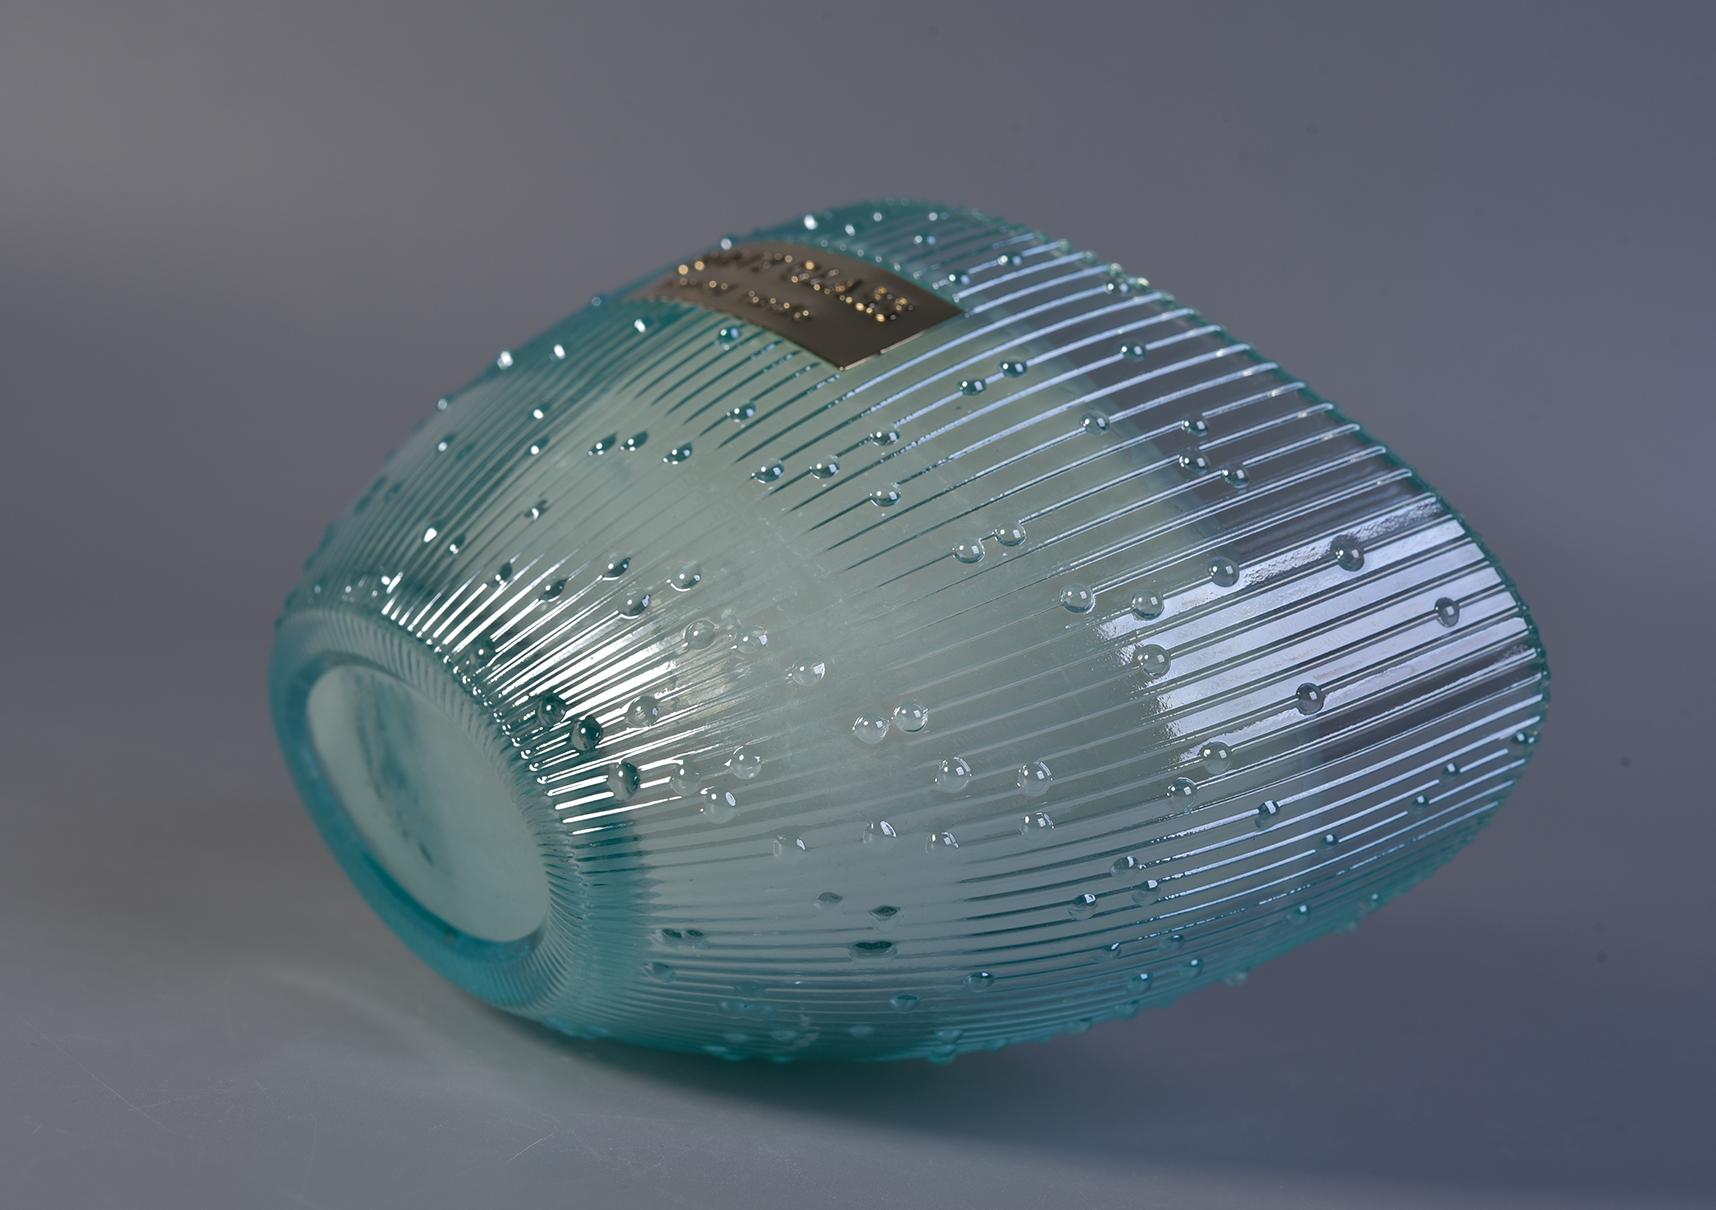 350 ml popüler mavi renk tekne şekli cam mumluk güneşli camdan